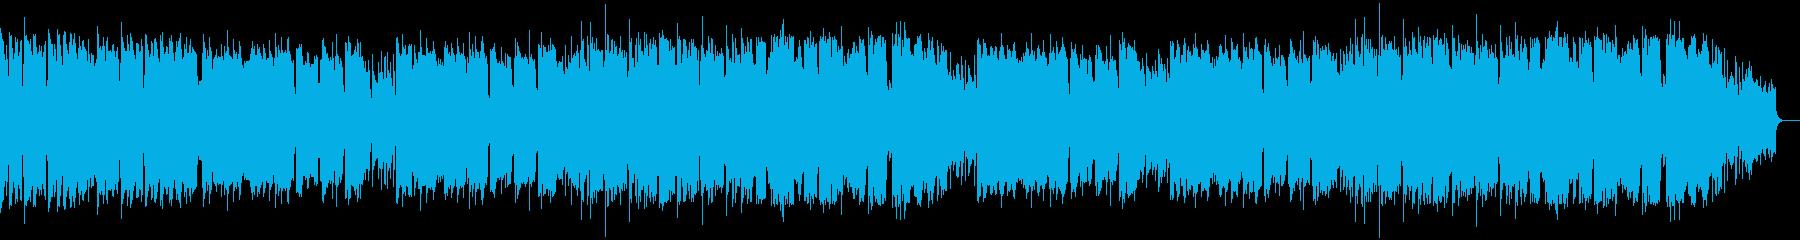 トランペットとピアノのメロディアスな楽曲の再生済みの波形